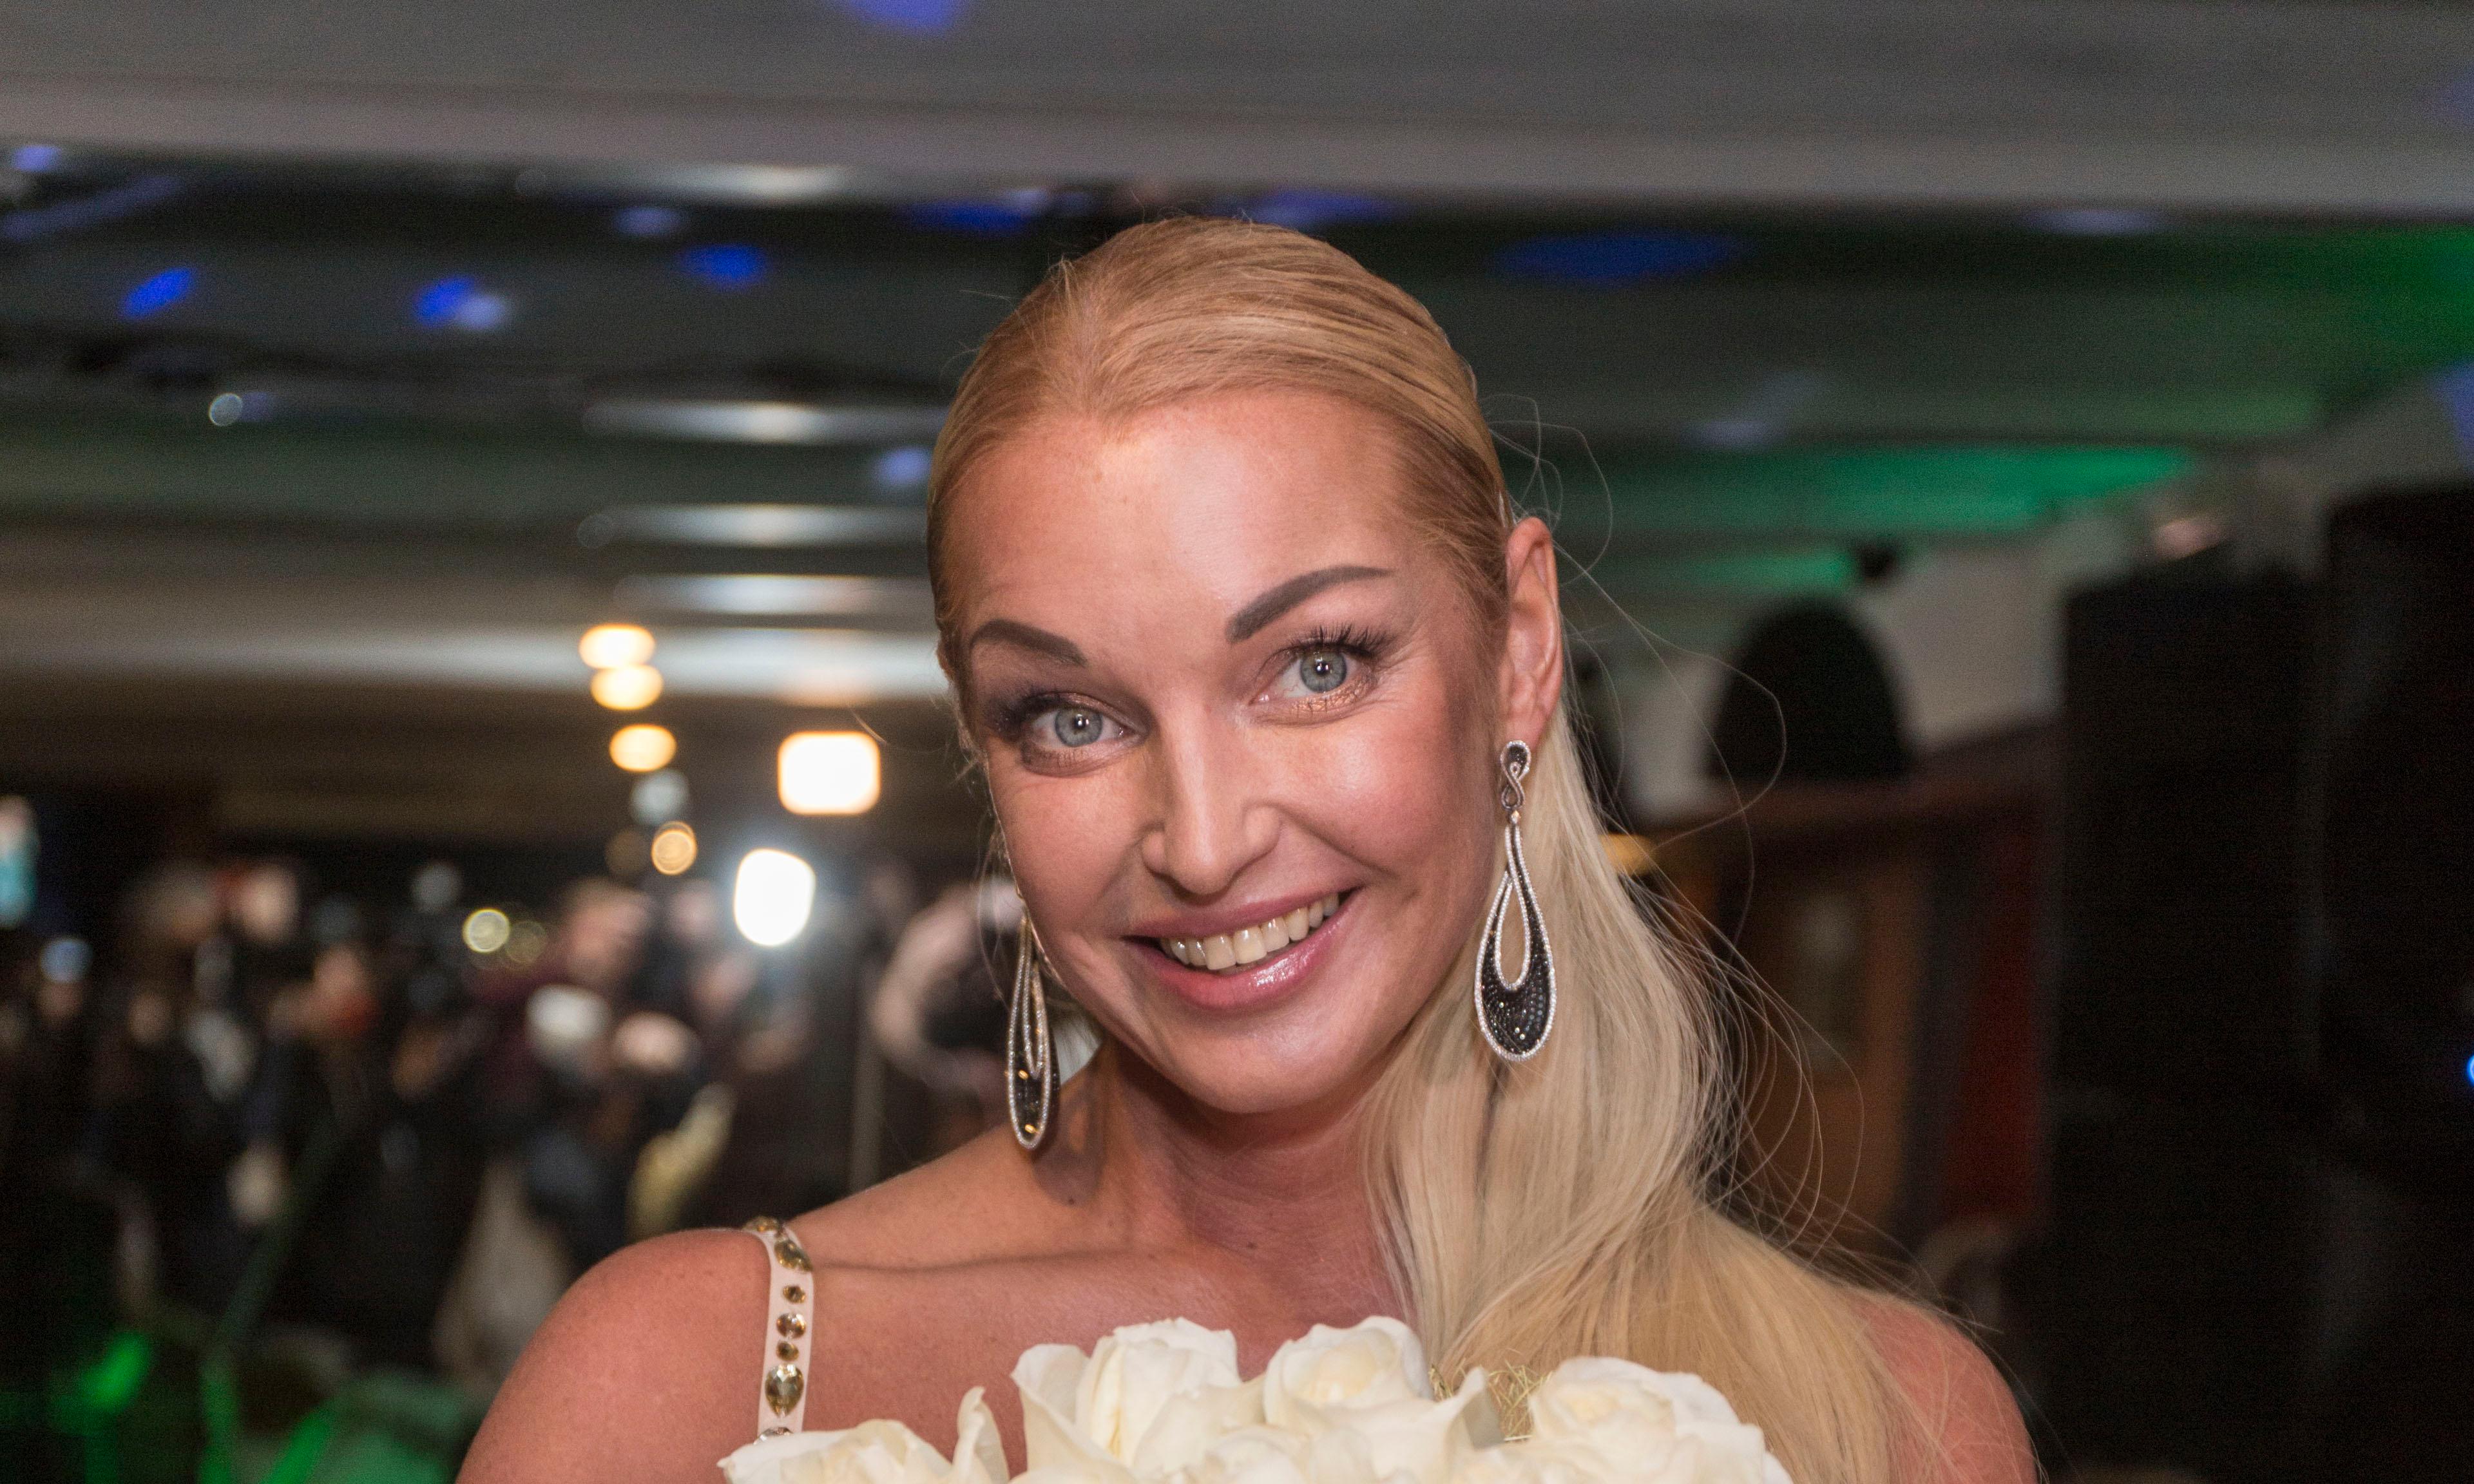 Anastasia Volochkova's neighbors declared war on the ballerina